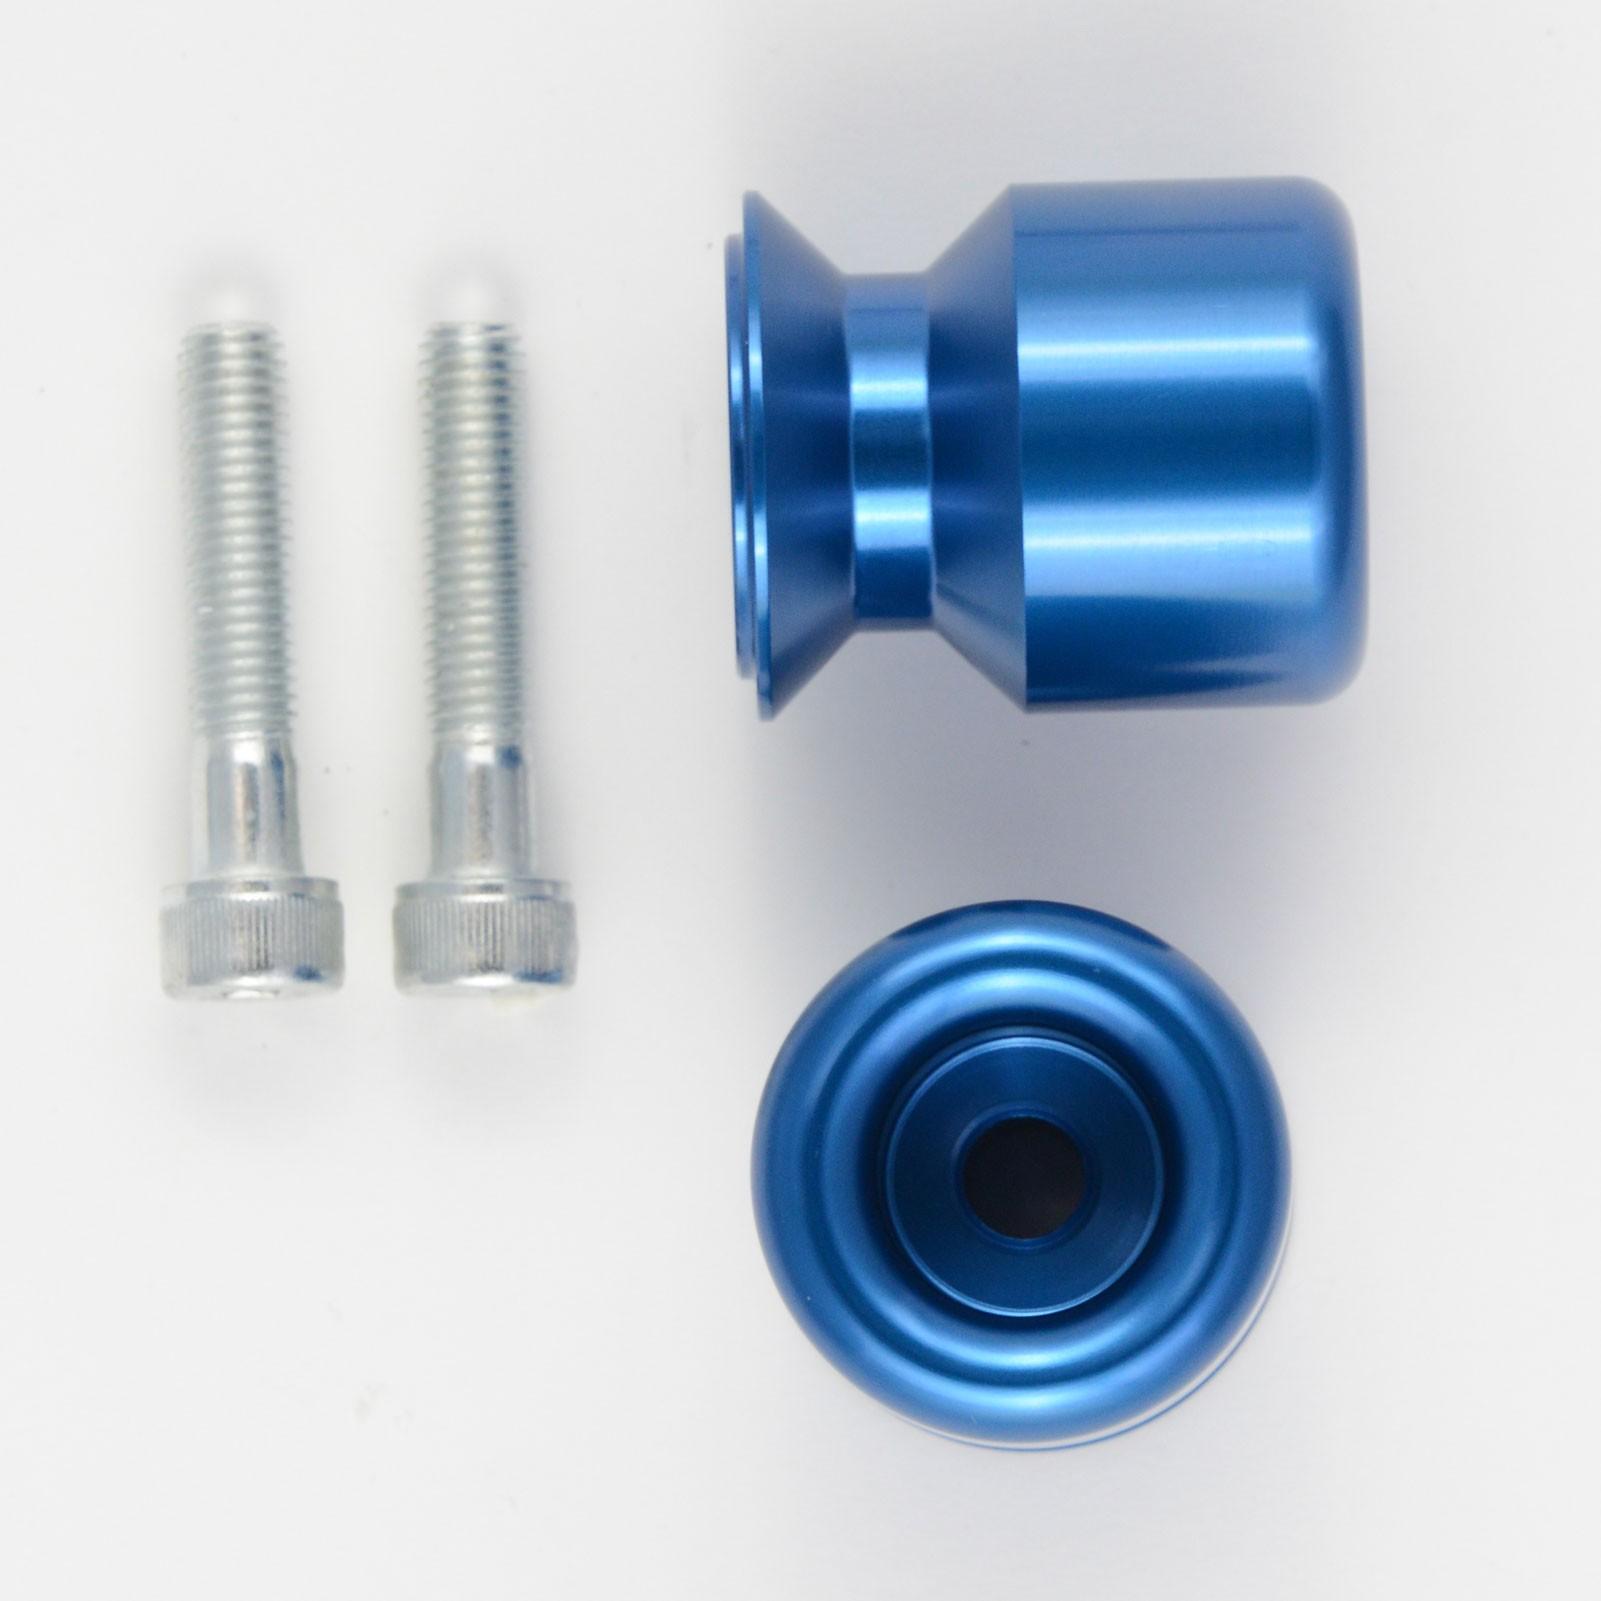 SC-7018 BLUE a-pro nottolini alzamoto bobbin paddock stand sonicmotoshop